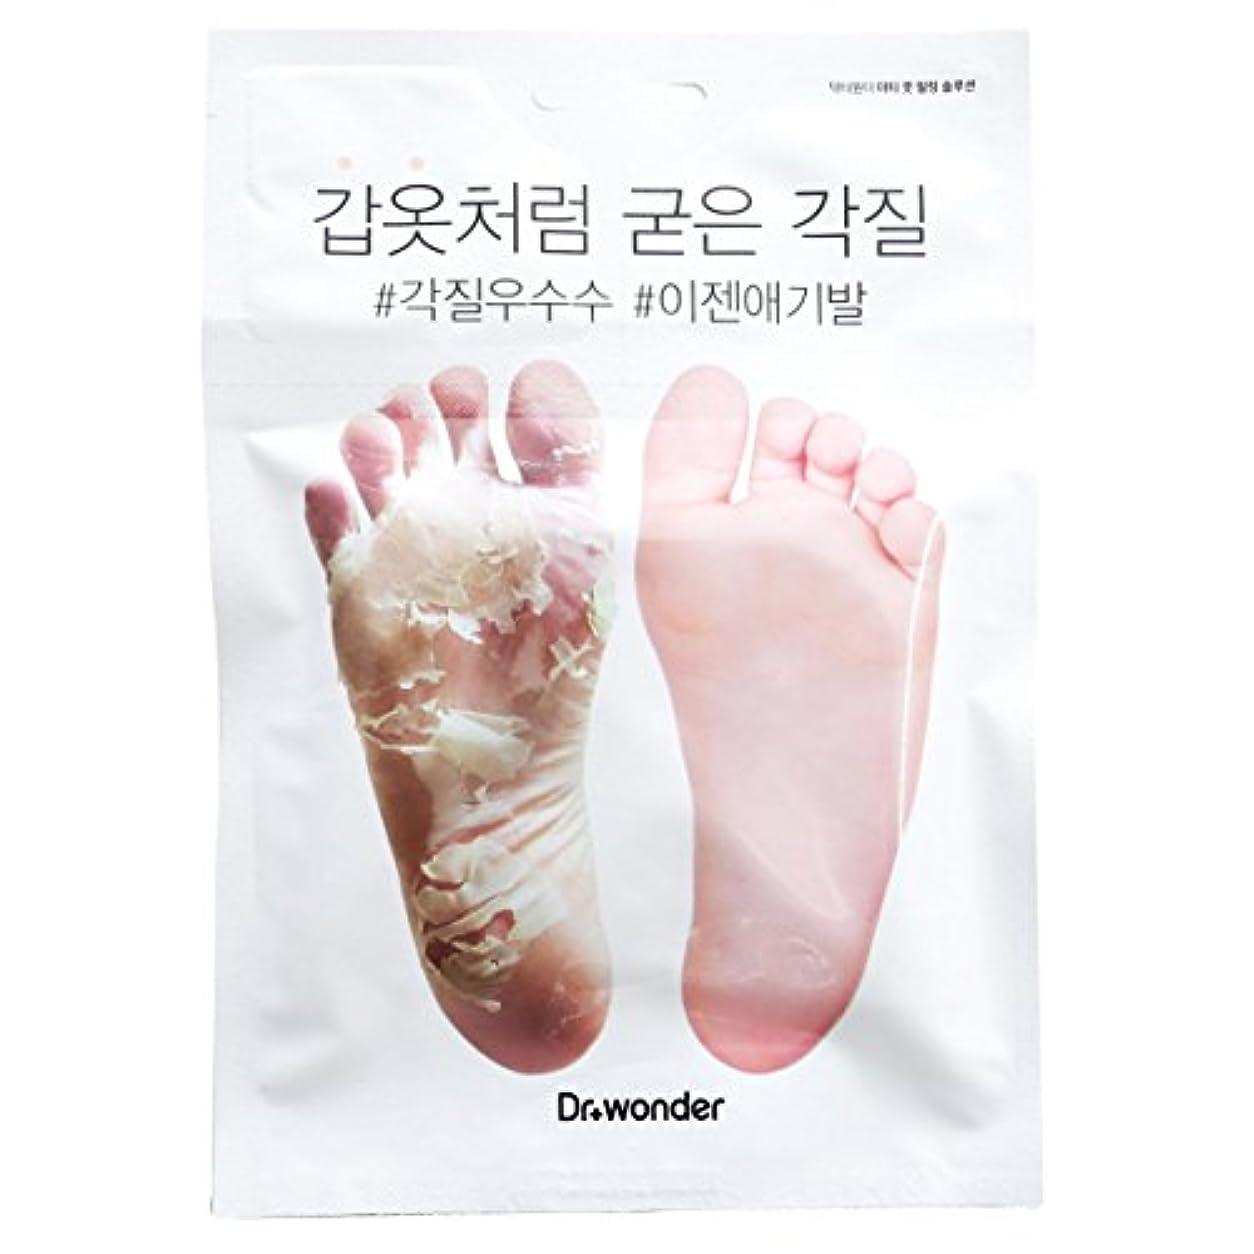 アラーム大学生胸[ドクターワンダー/ Dr+ wonder] Good Bye, Dirty Foot! Doctor Wonder Crocodile Foot Mask Pack / ドクターワンダーワニバルペク/鎧のような硬い角質...